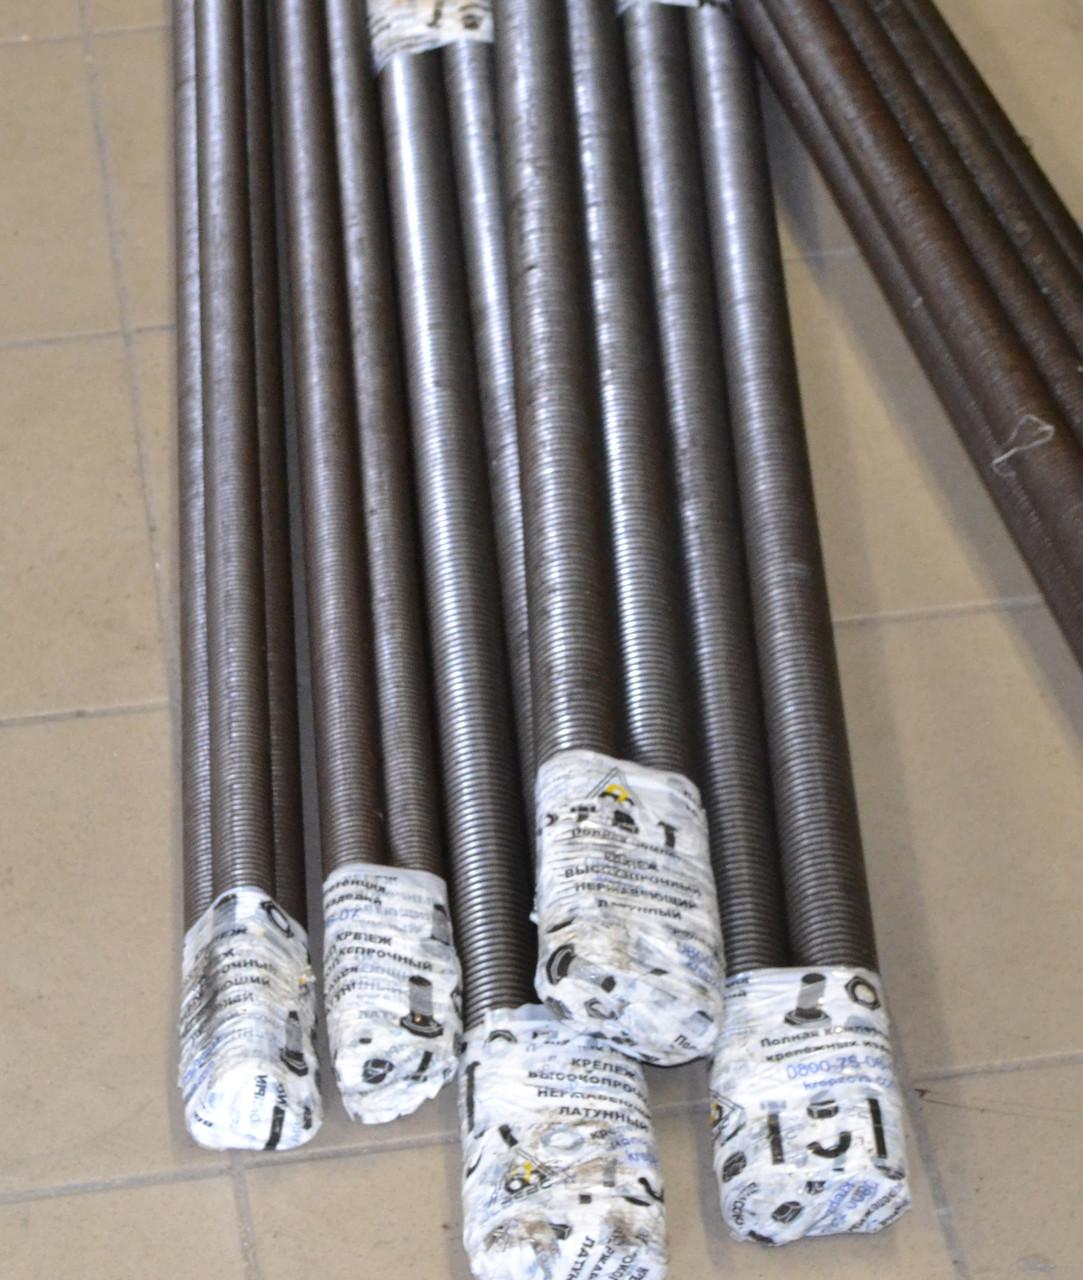 Шпильки М36 DIN 975 прочностью 10.9